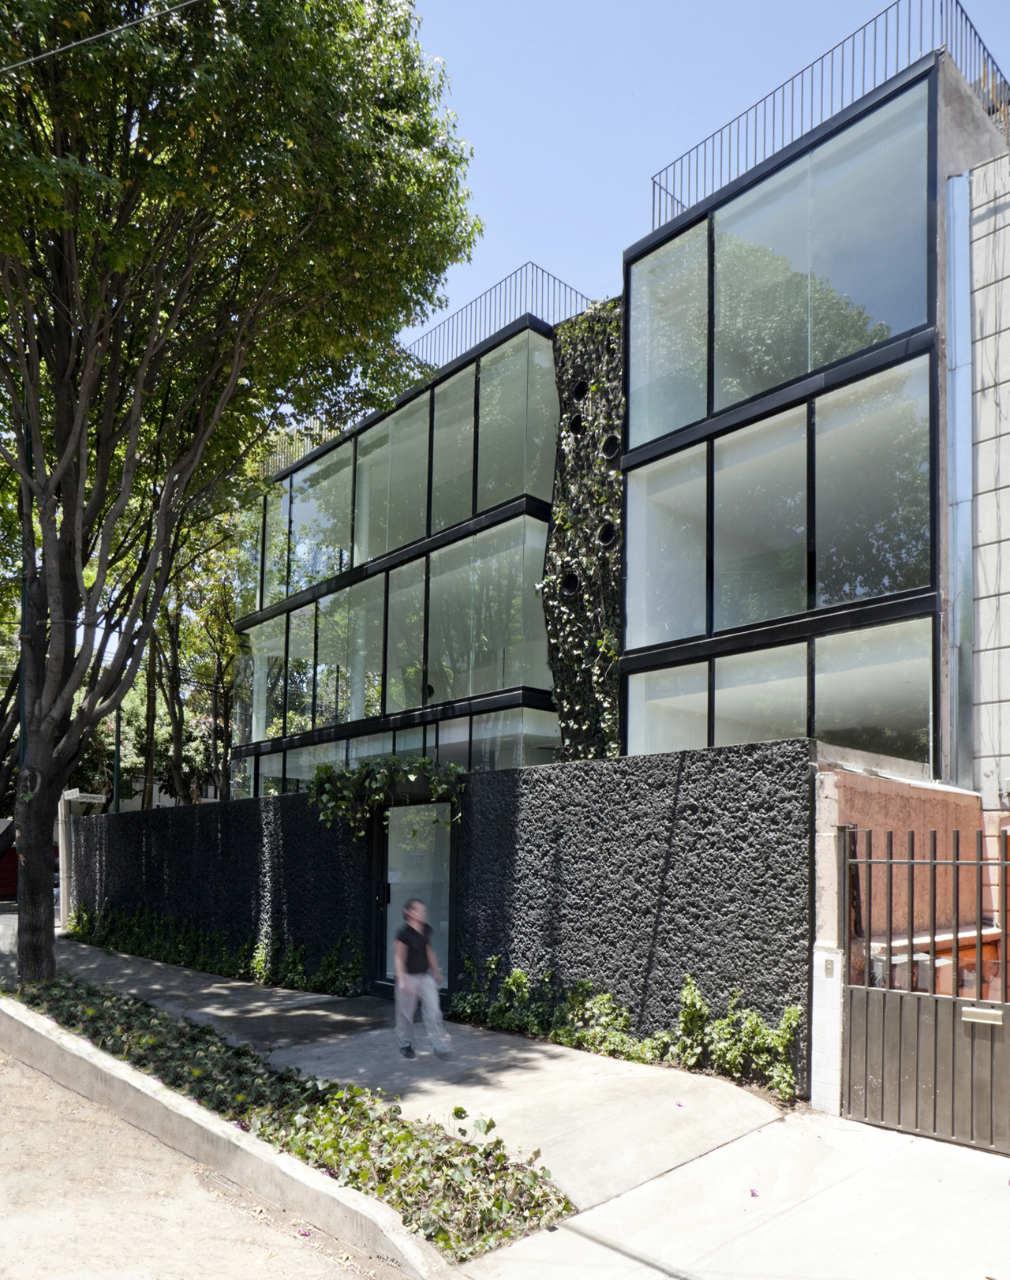 Michelet 50 dellekamp arquitectos archdaily for Edificio de departamentos planos